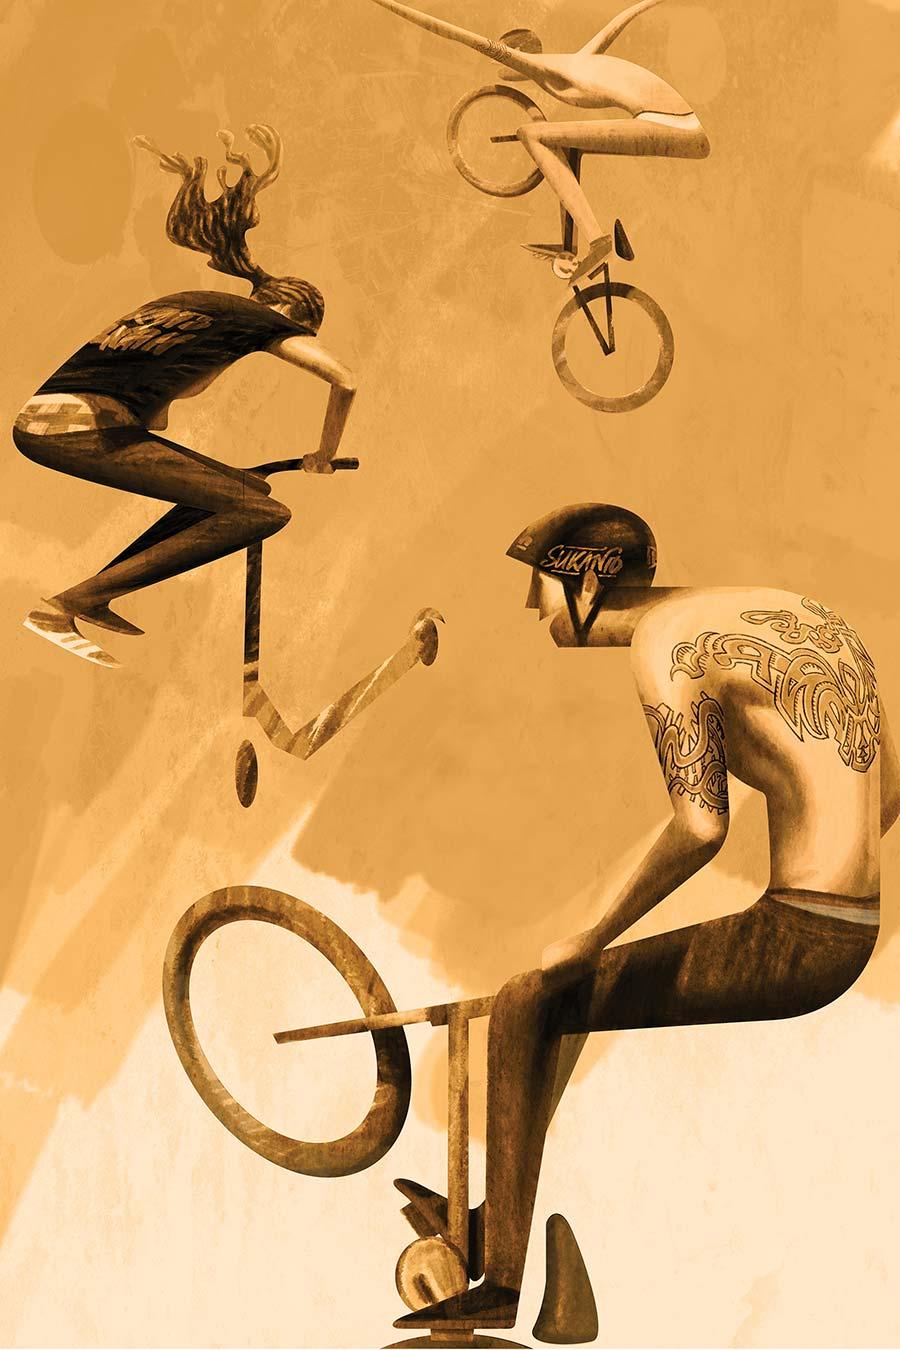 creative artwork illustration cyclic by sukanto debnath